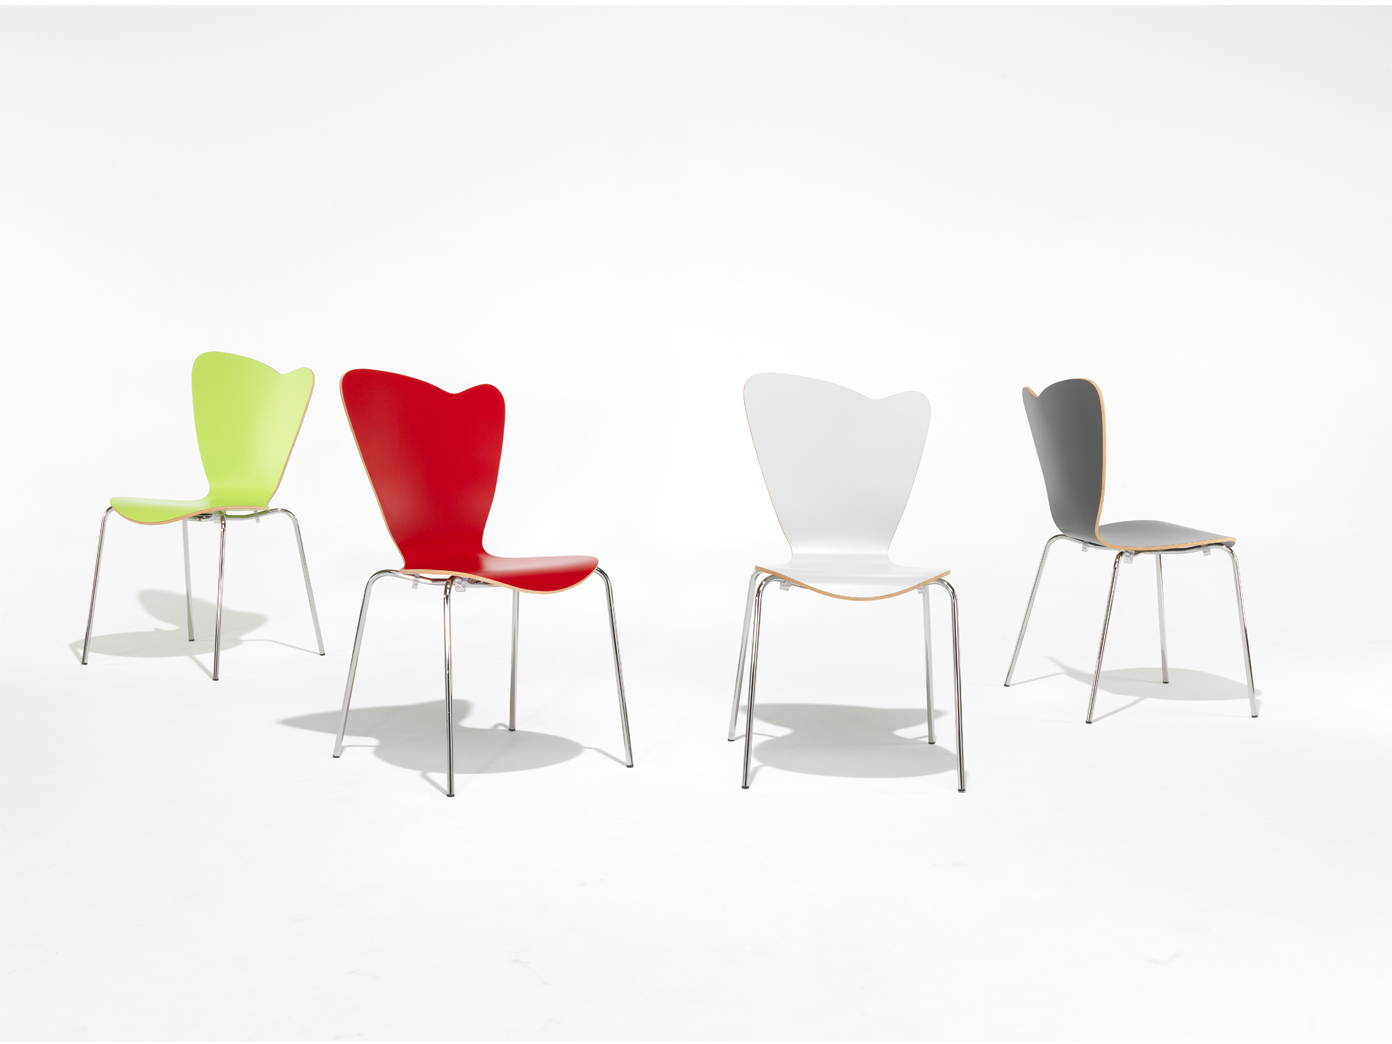 4er design stuhl heart rot stapelstuhl esszimmerstuhl for Design schalenstuhl